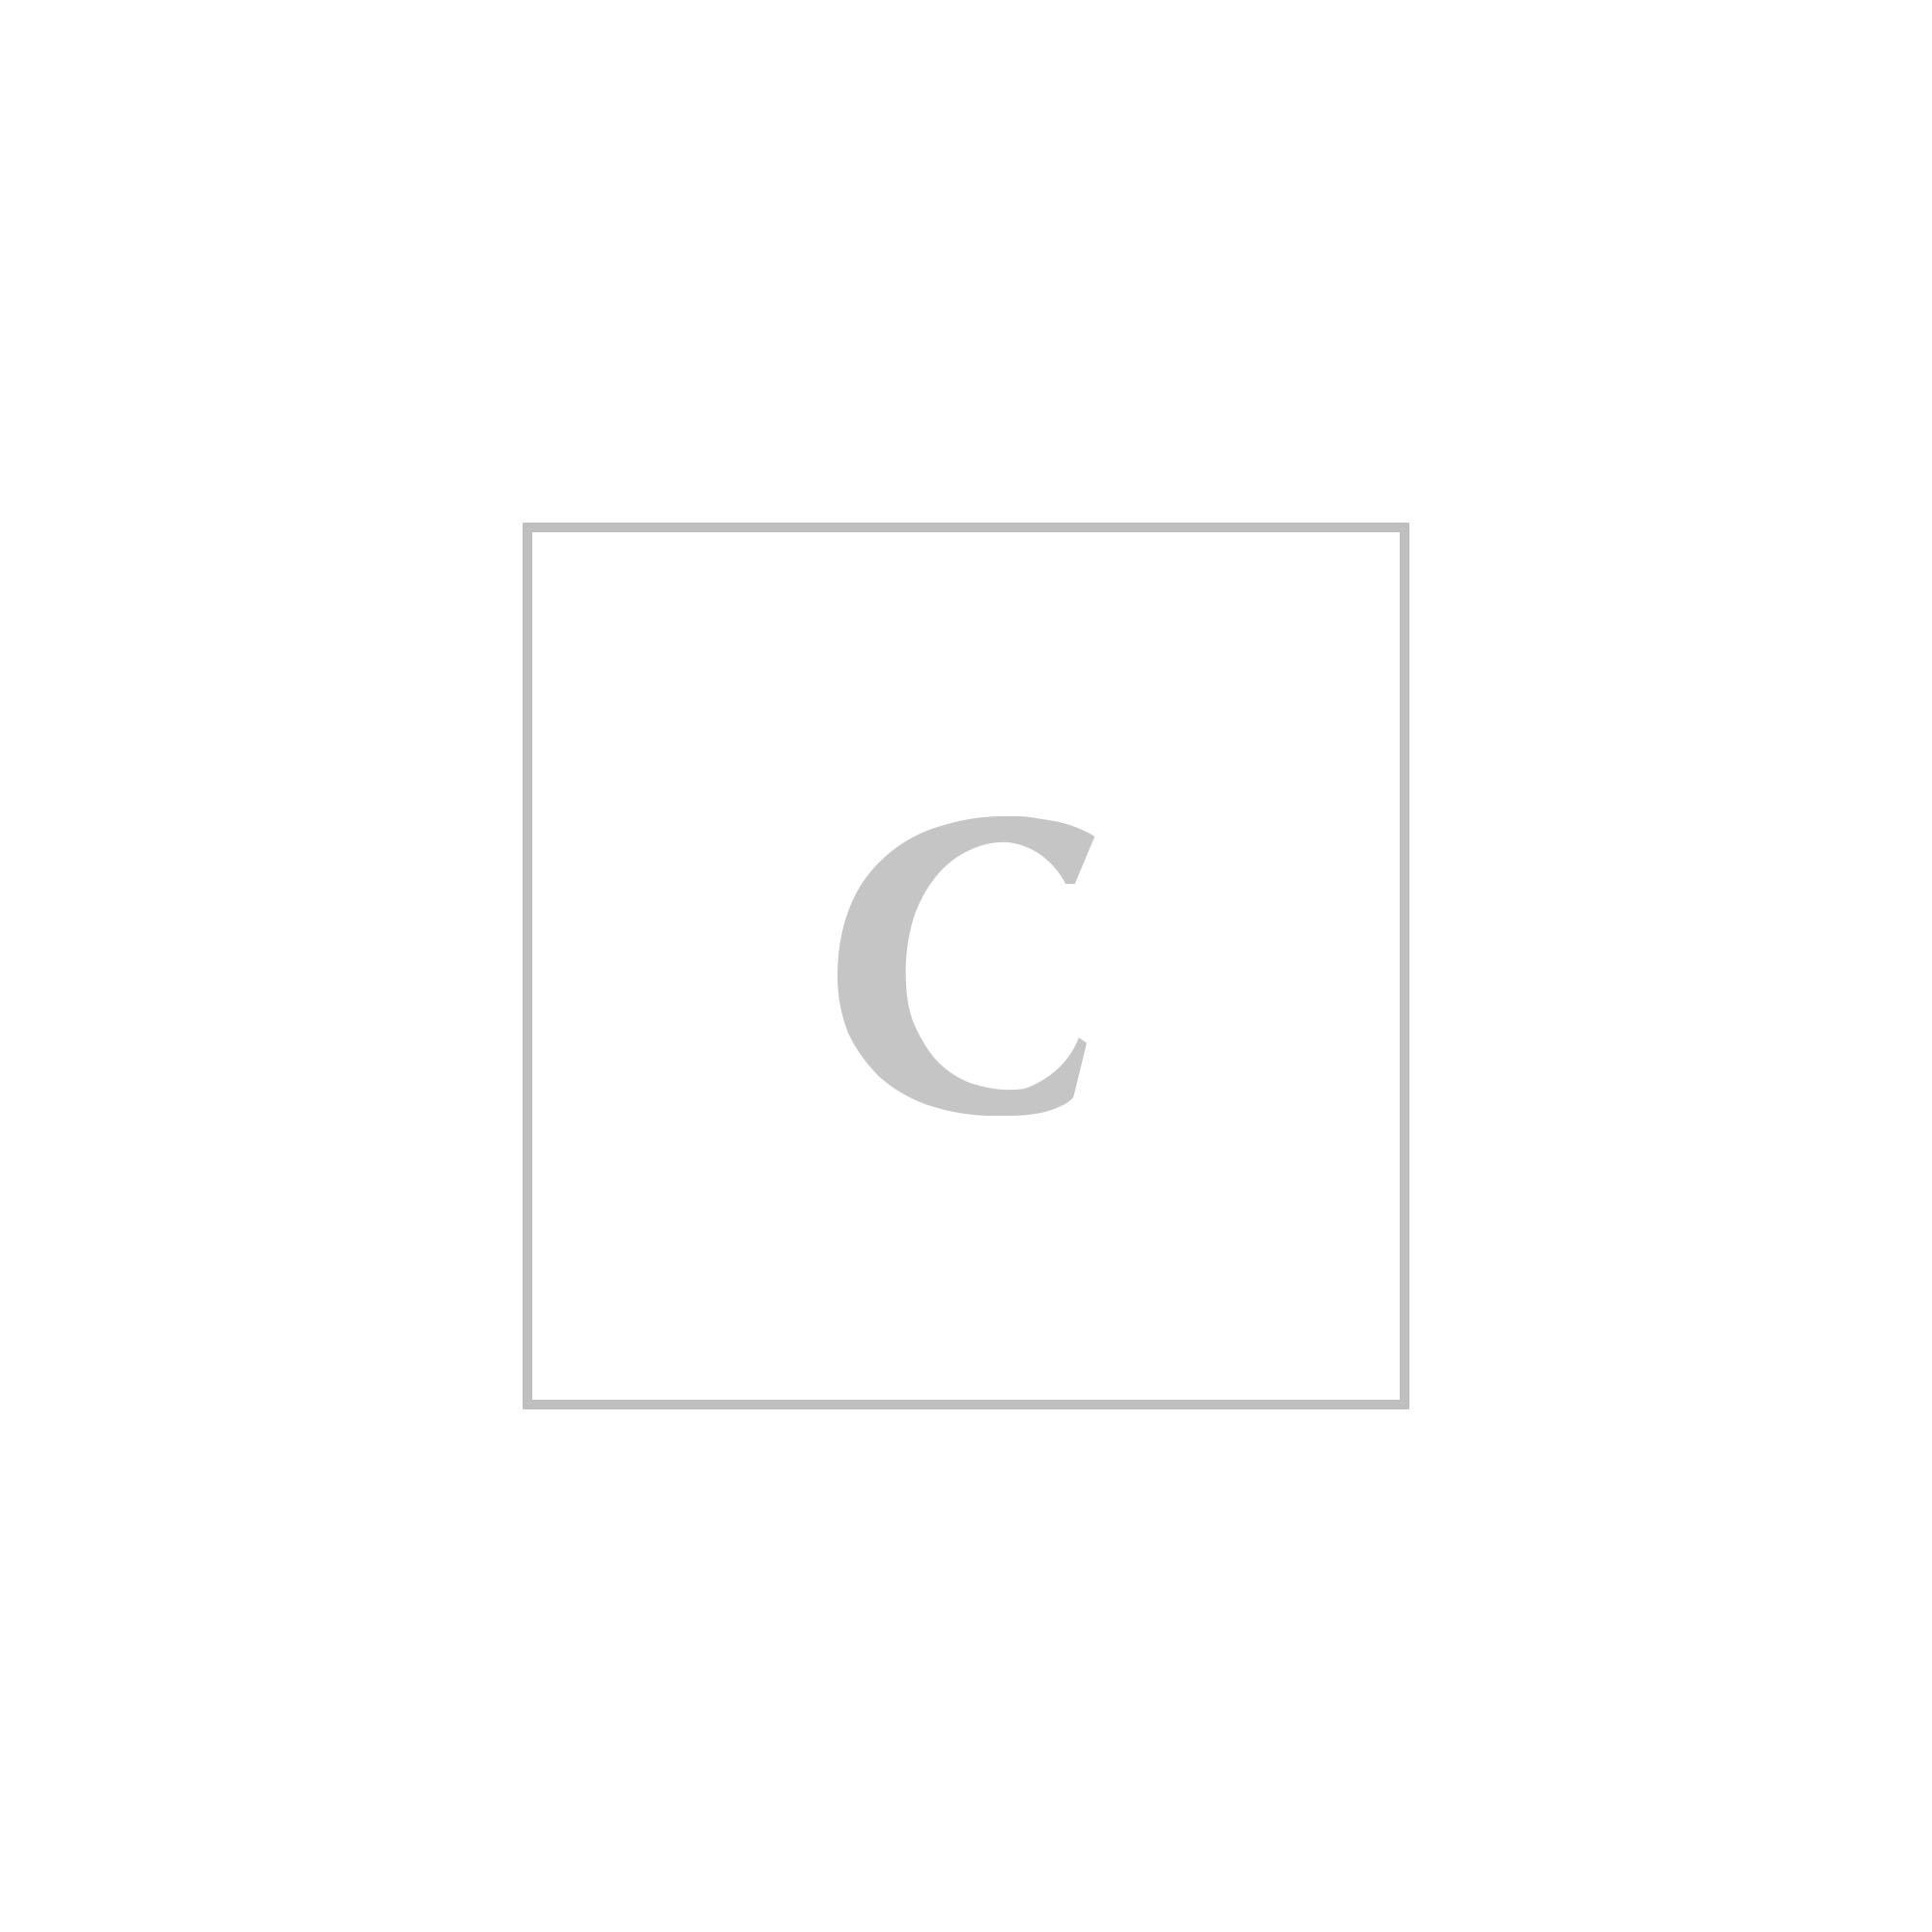 Dolce & gabbana dauphine calfskin belt